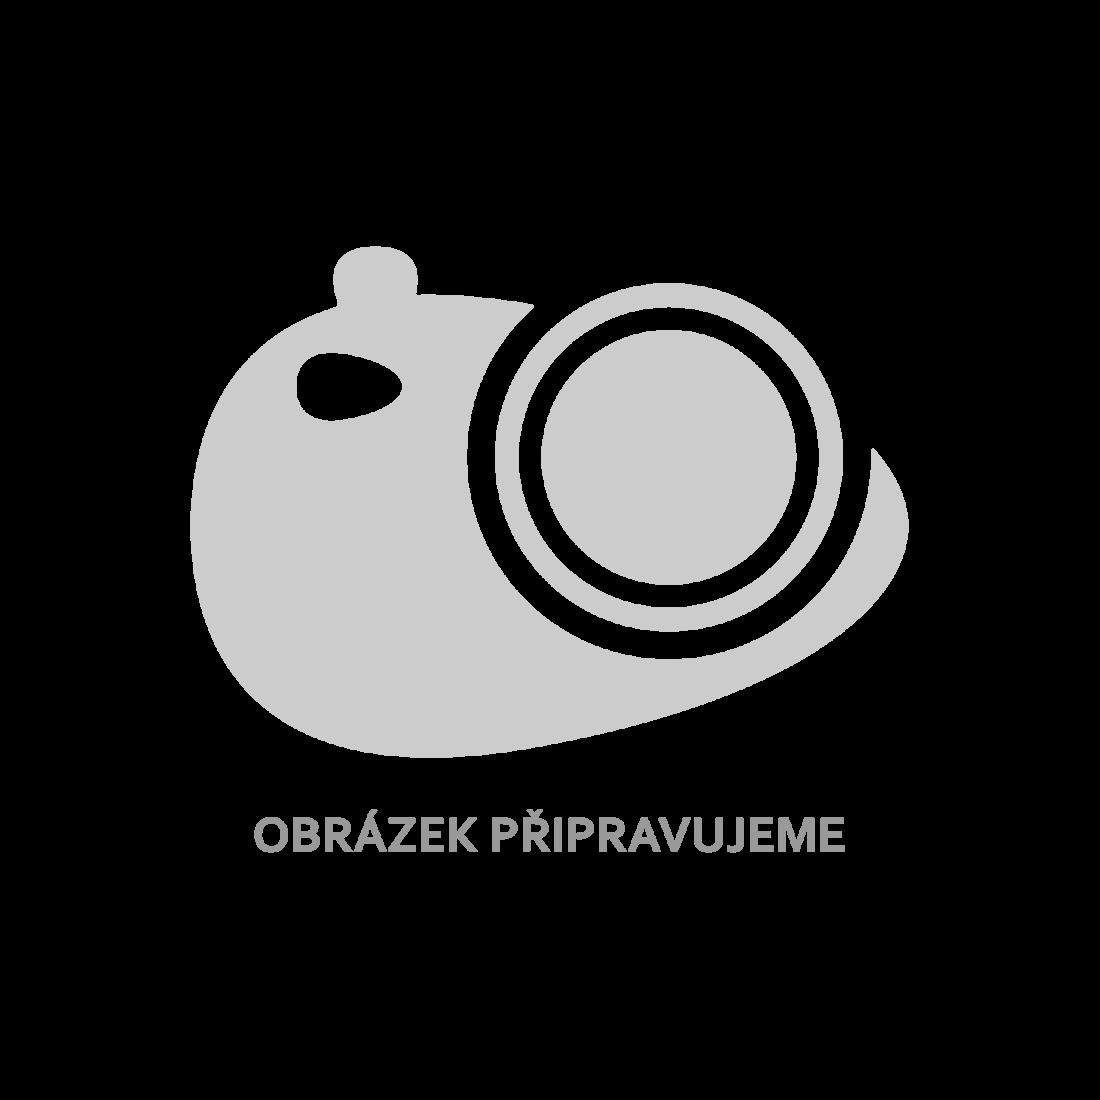 vidaXL Nástěnná police šedá vysoký lesk 45,1x16x45,1 cm dřevotříska [802956]